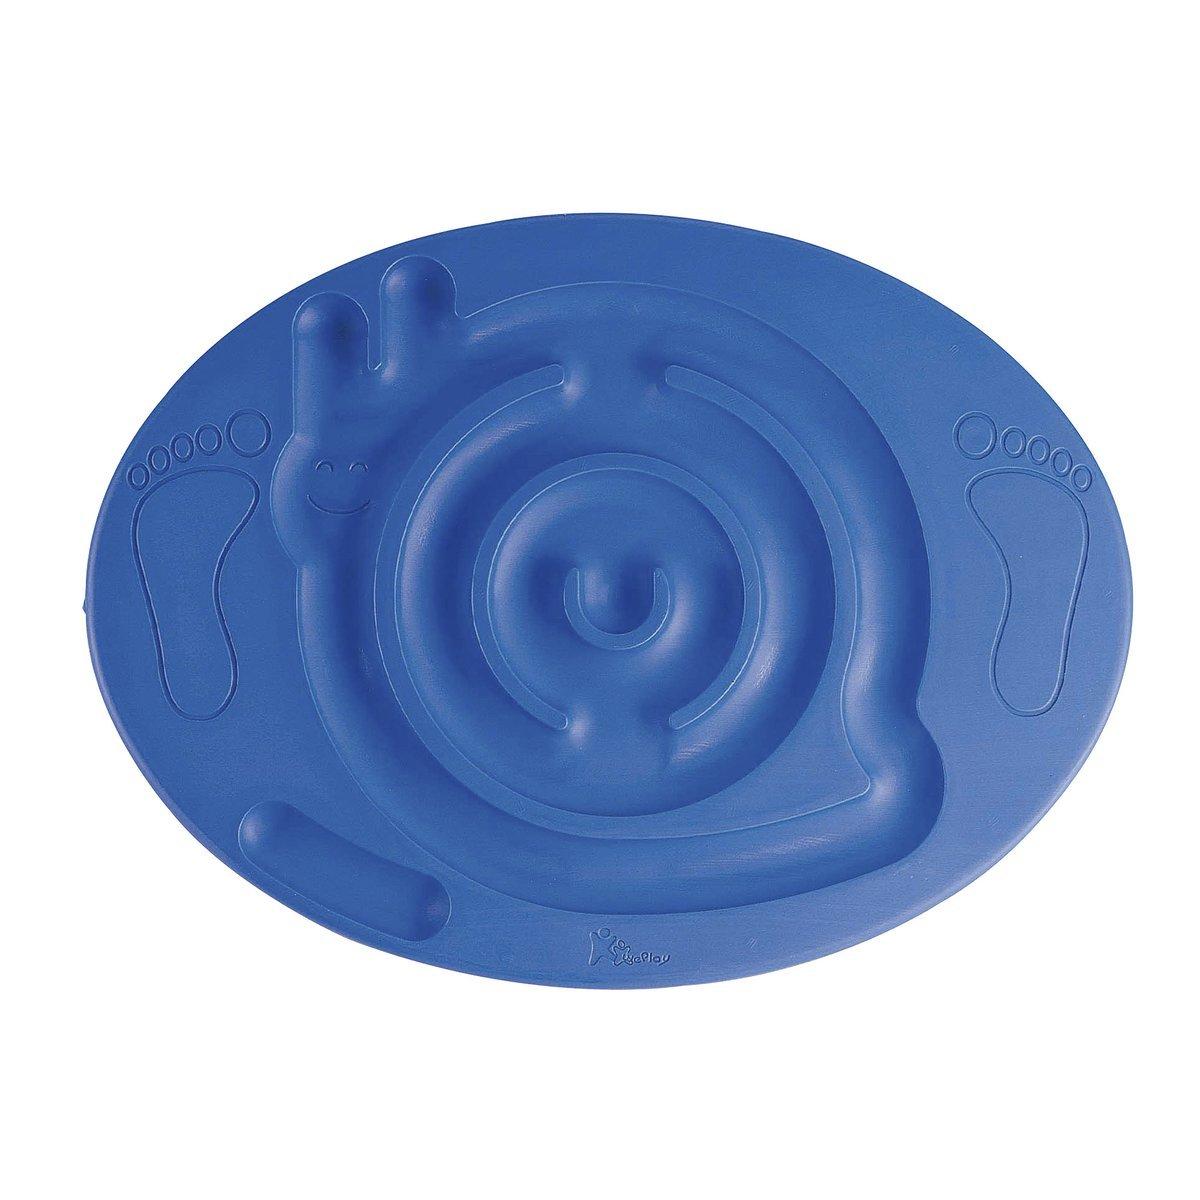 EDUPLAY Balance-Schnecke - Kinder-Spielzeug für Gleichgewichts-Training - von außen nach innen bewegbar - bis 60 kg belastbar - blau